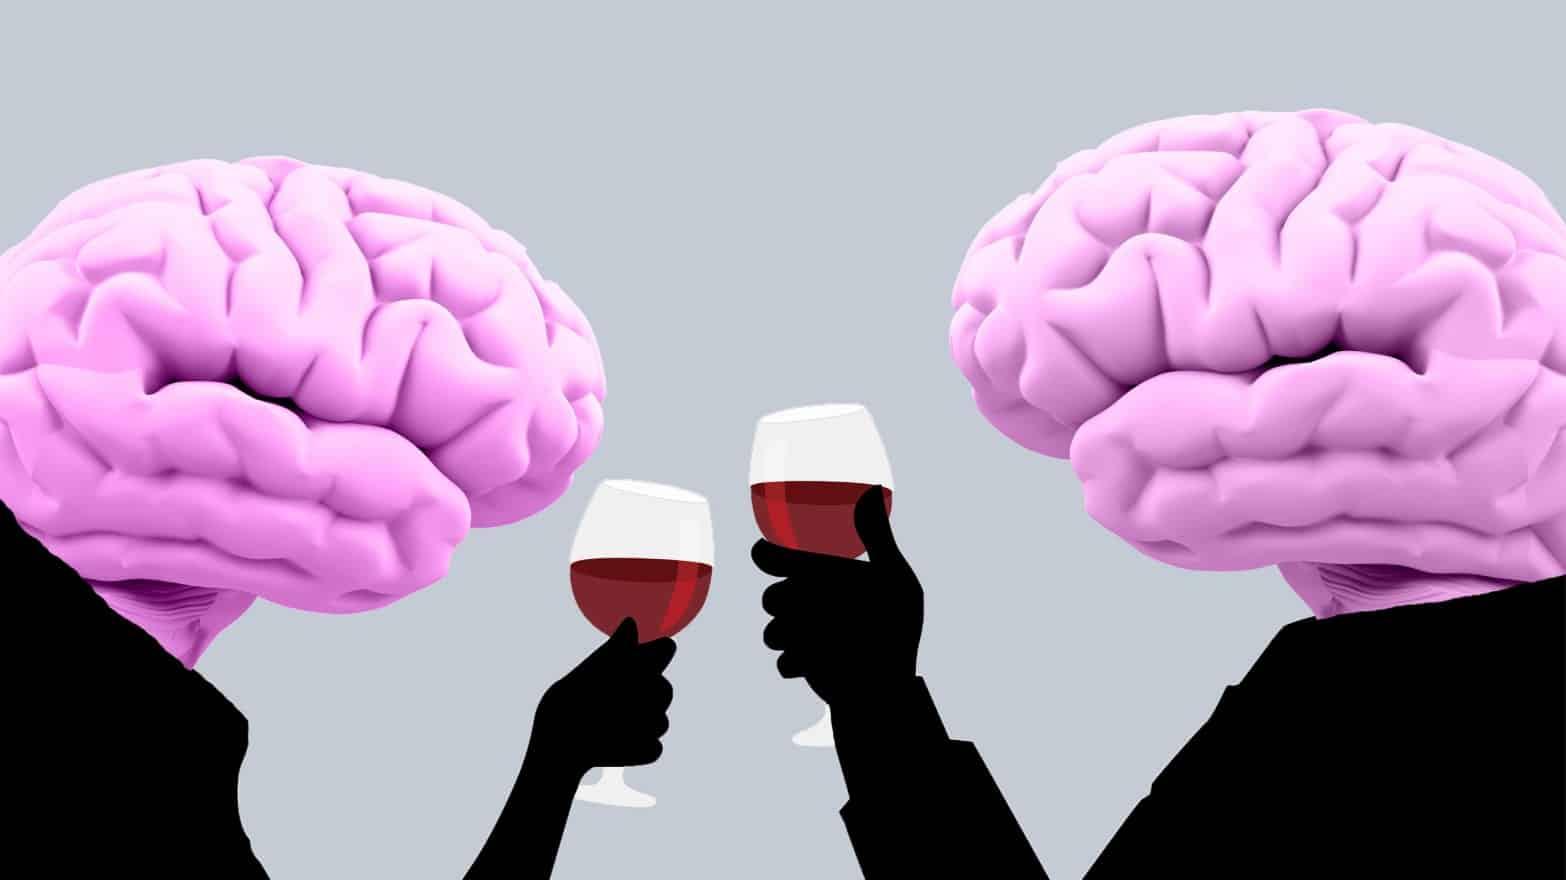 Sapyoseksüel: Sen hangisine aşıksın zeka mı akıl mı?